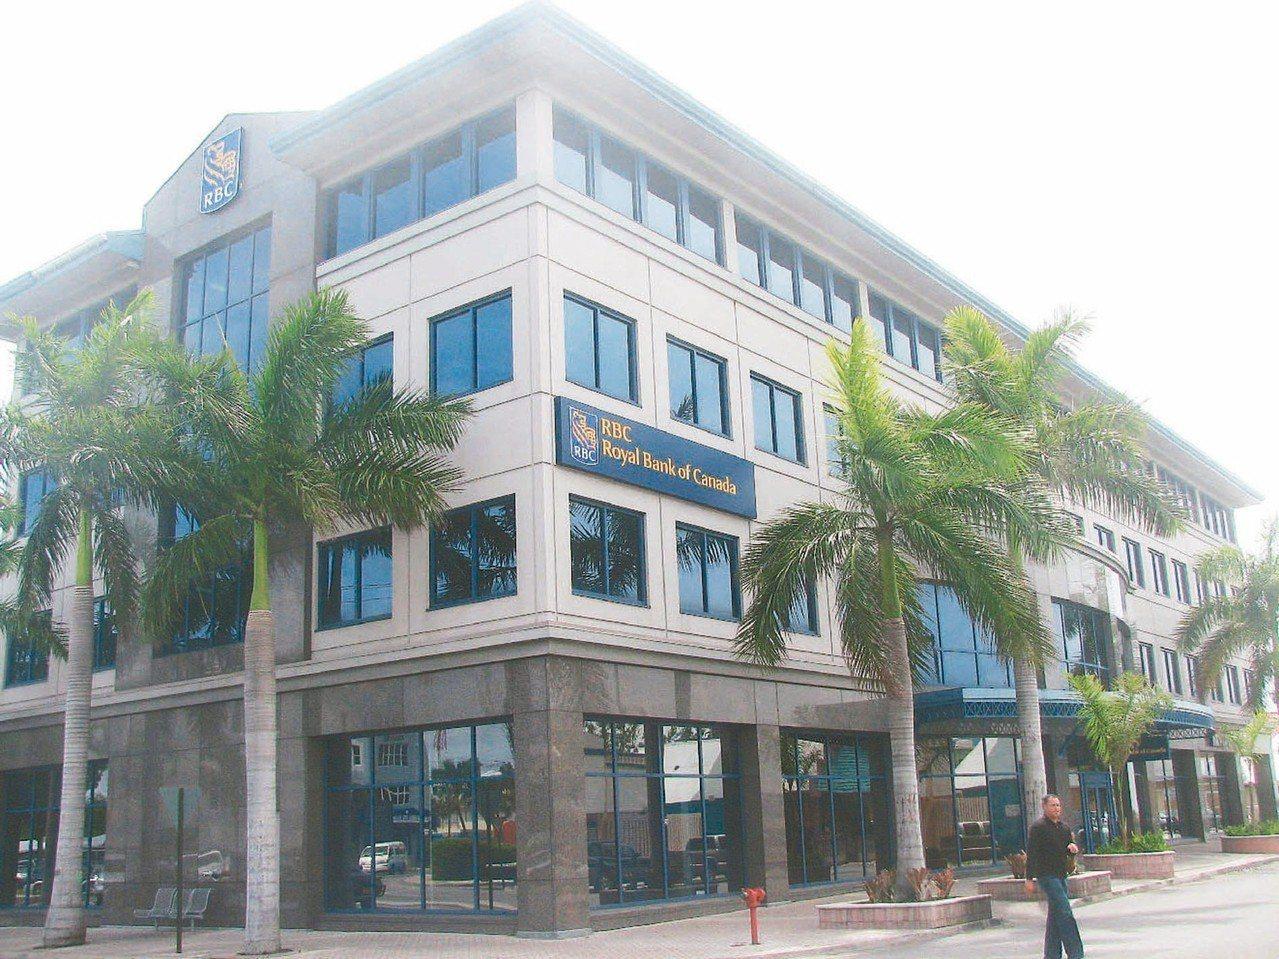 開曼群島發布最新經濟實質法草案施行細則,純控股公司無需在當地具備指揮與管理職能,...